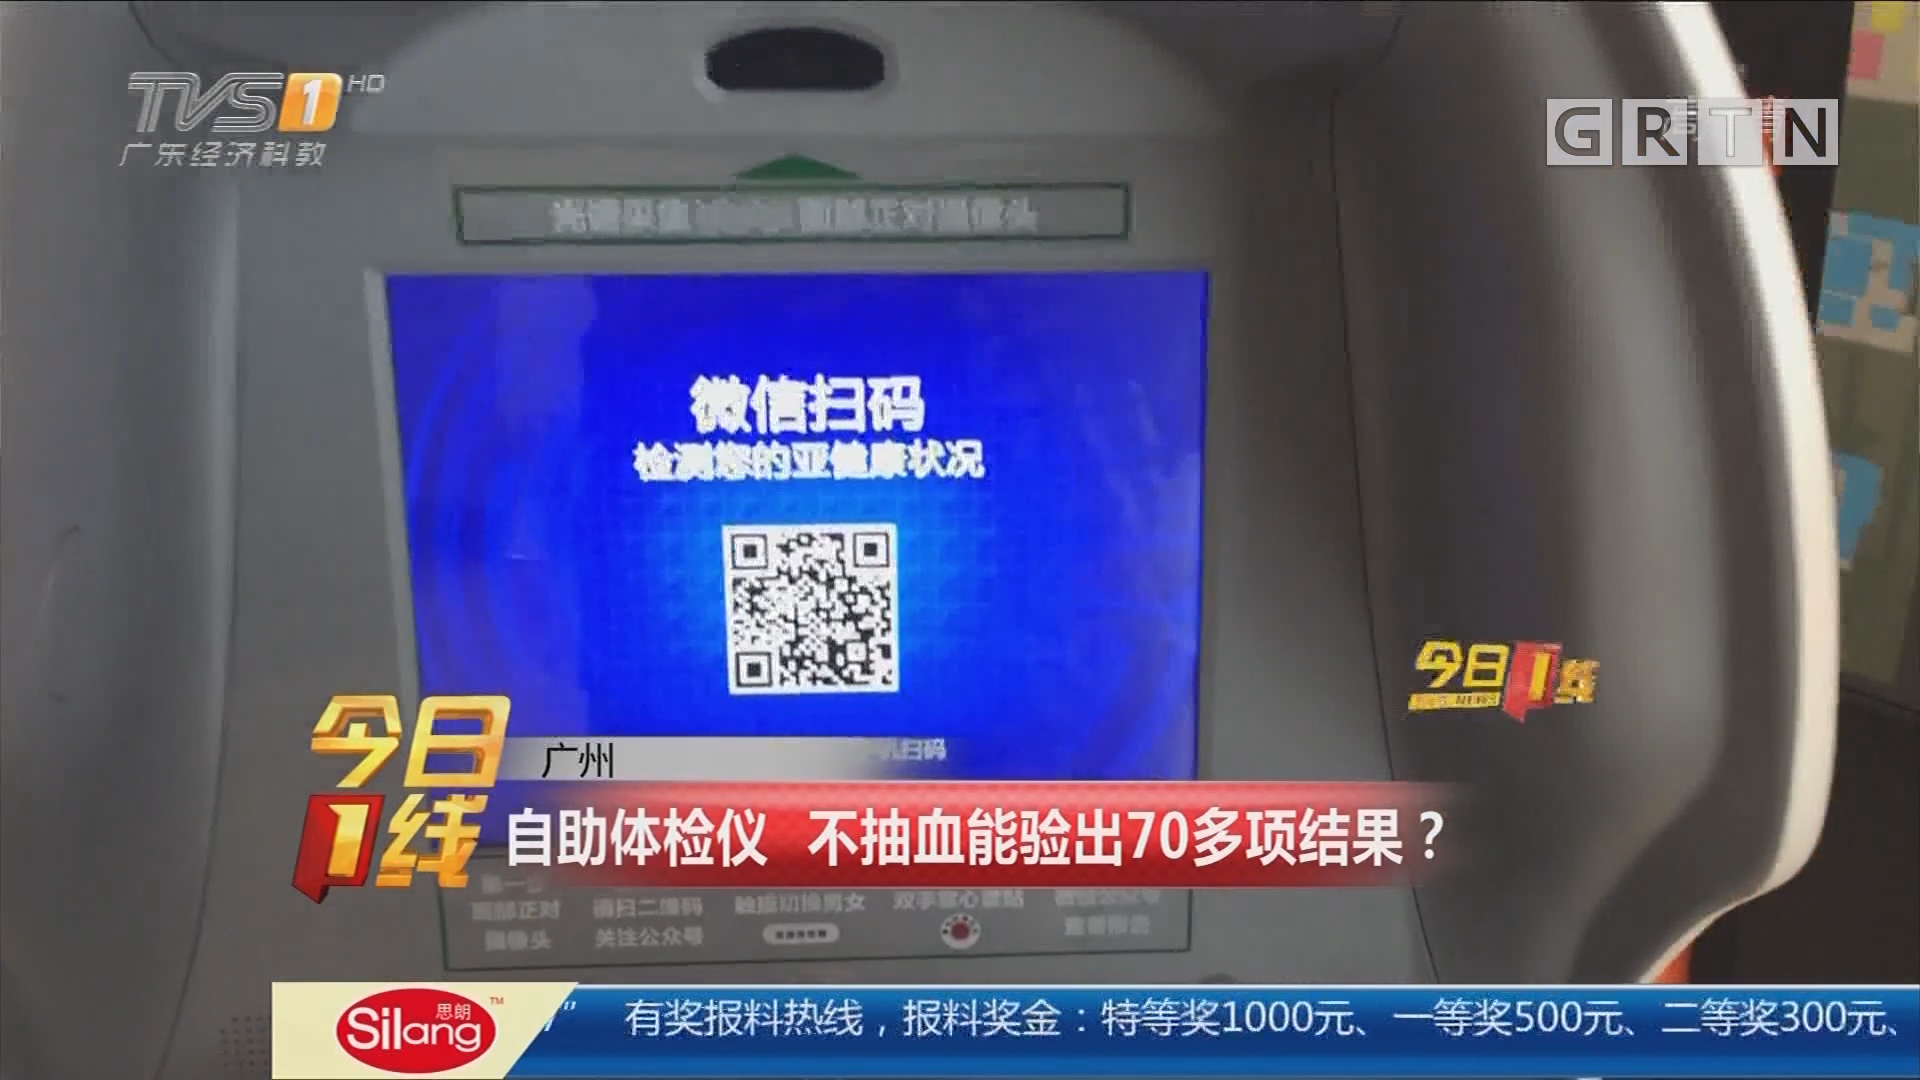 广州:自助体检仪 不抽血能验出70多项结果?